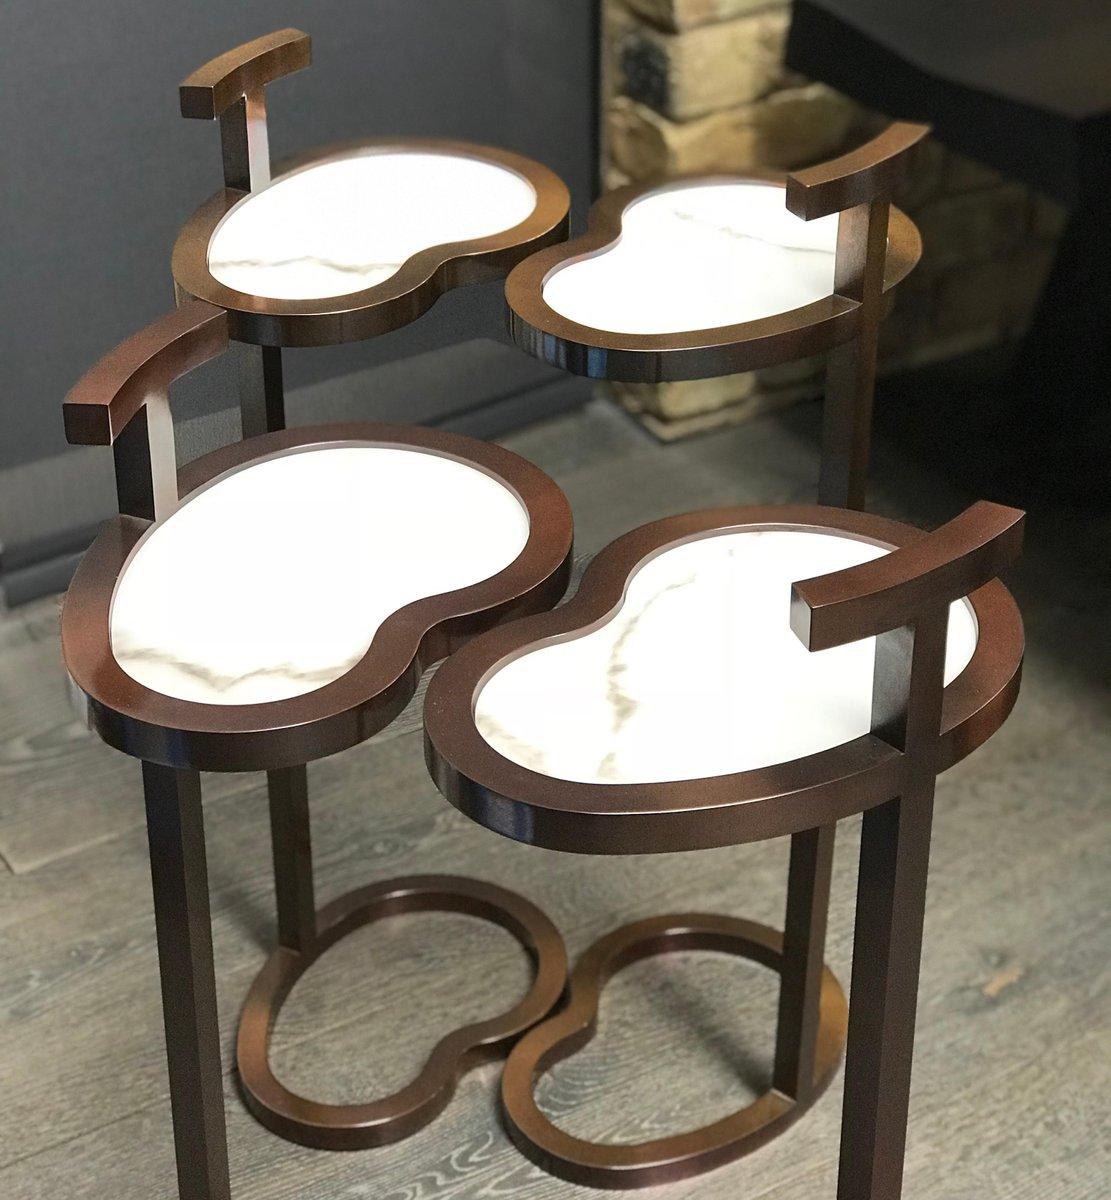 Martini Table: Art Deco Style Vesper Martini Table In Bean Shape By Casa